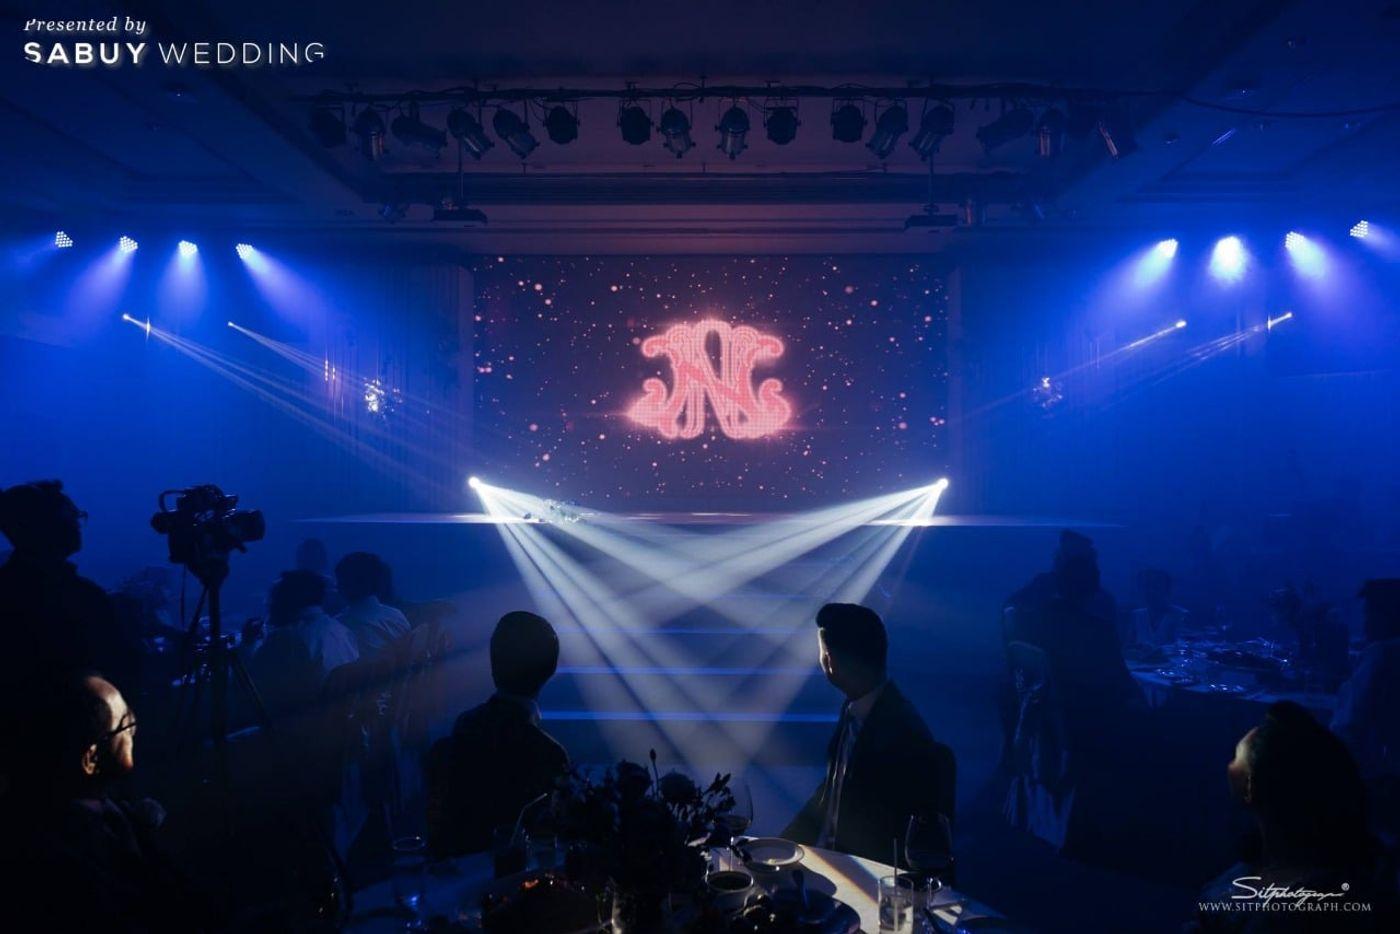 โต๊ะจีน,งานแต่งงาน,เวทีงานแต่ง,backdrop งานแต่ง รีวิวงานแต่งแห่งปีของอยุธยา หรูหราด้วยโทนสี Rose Gold @Krungsri River Hotel